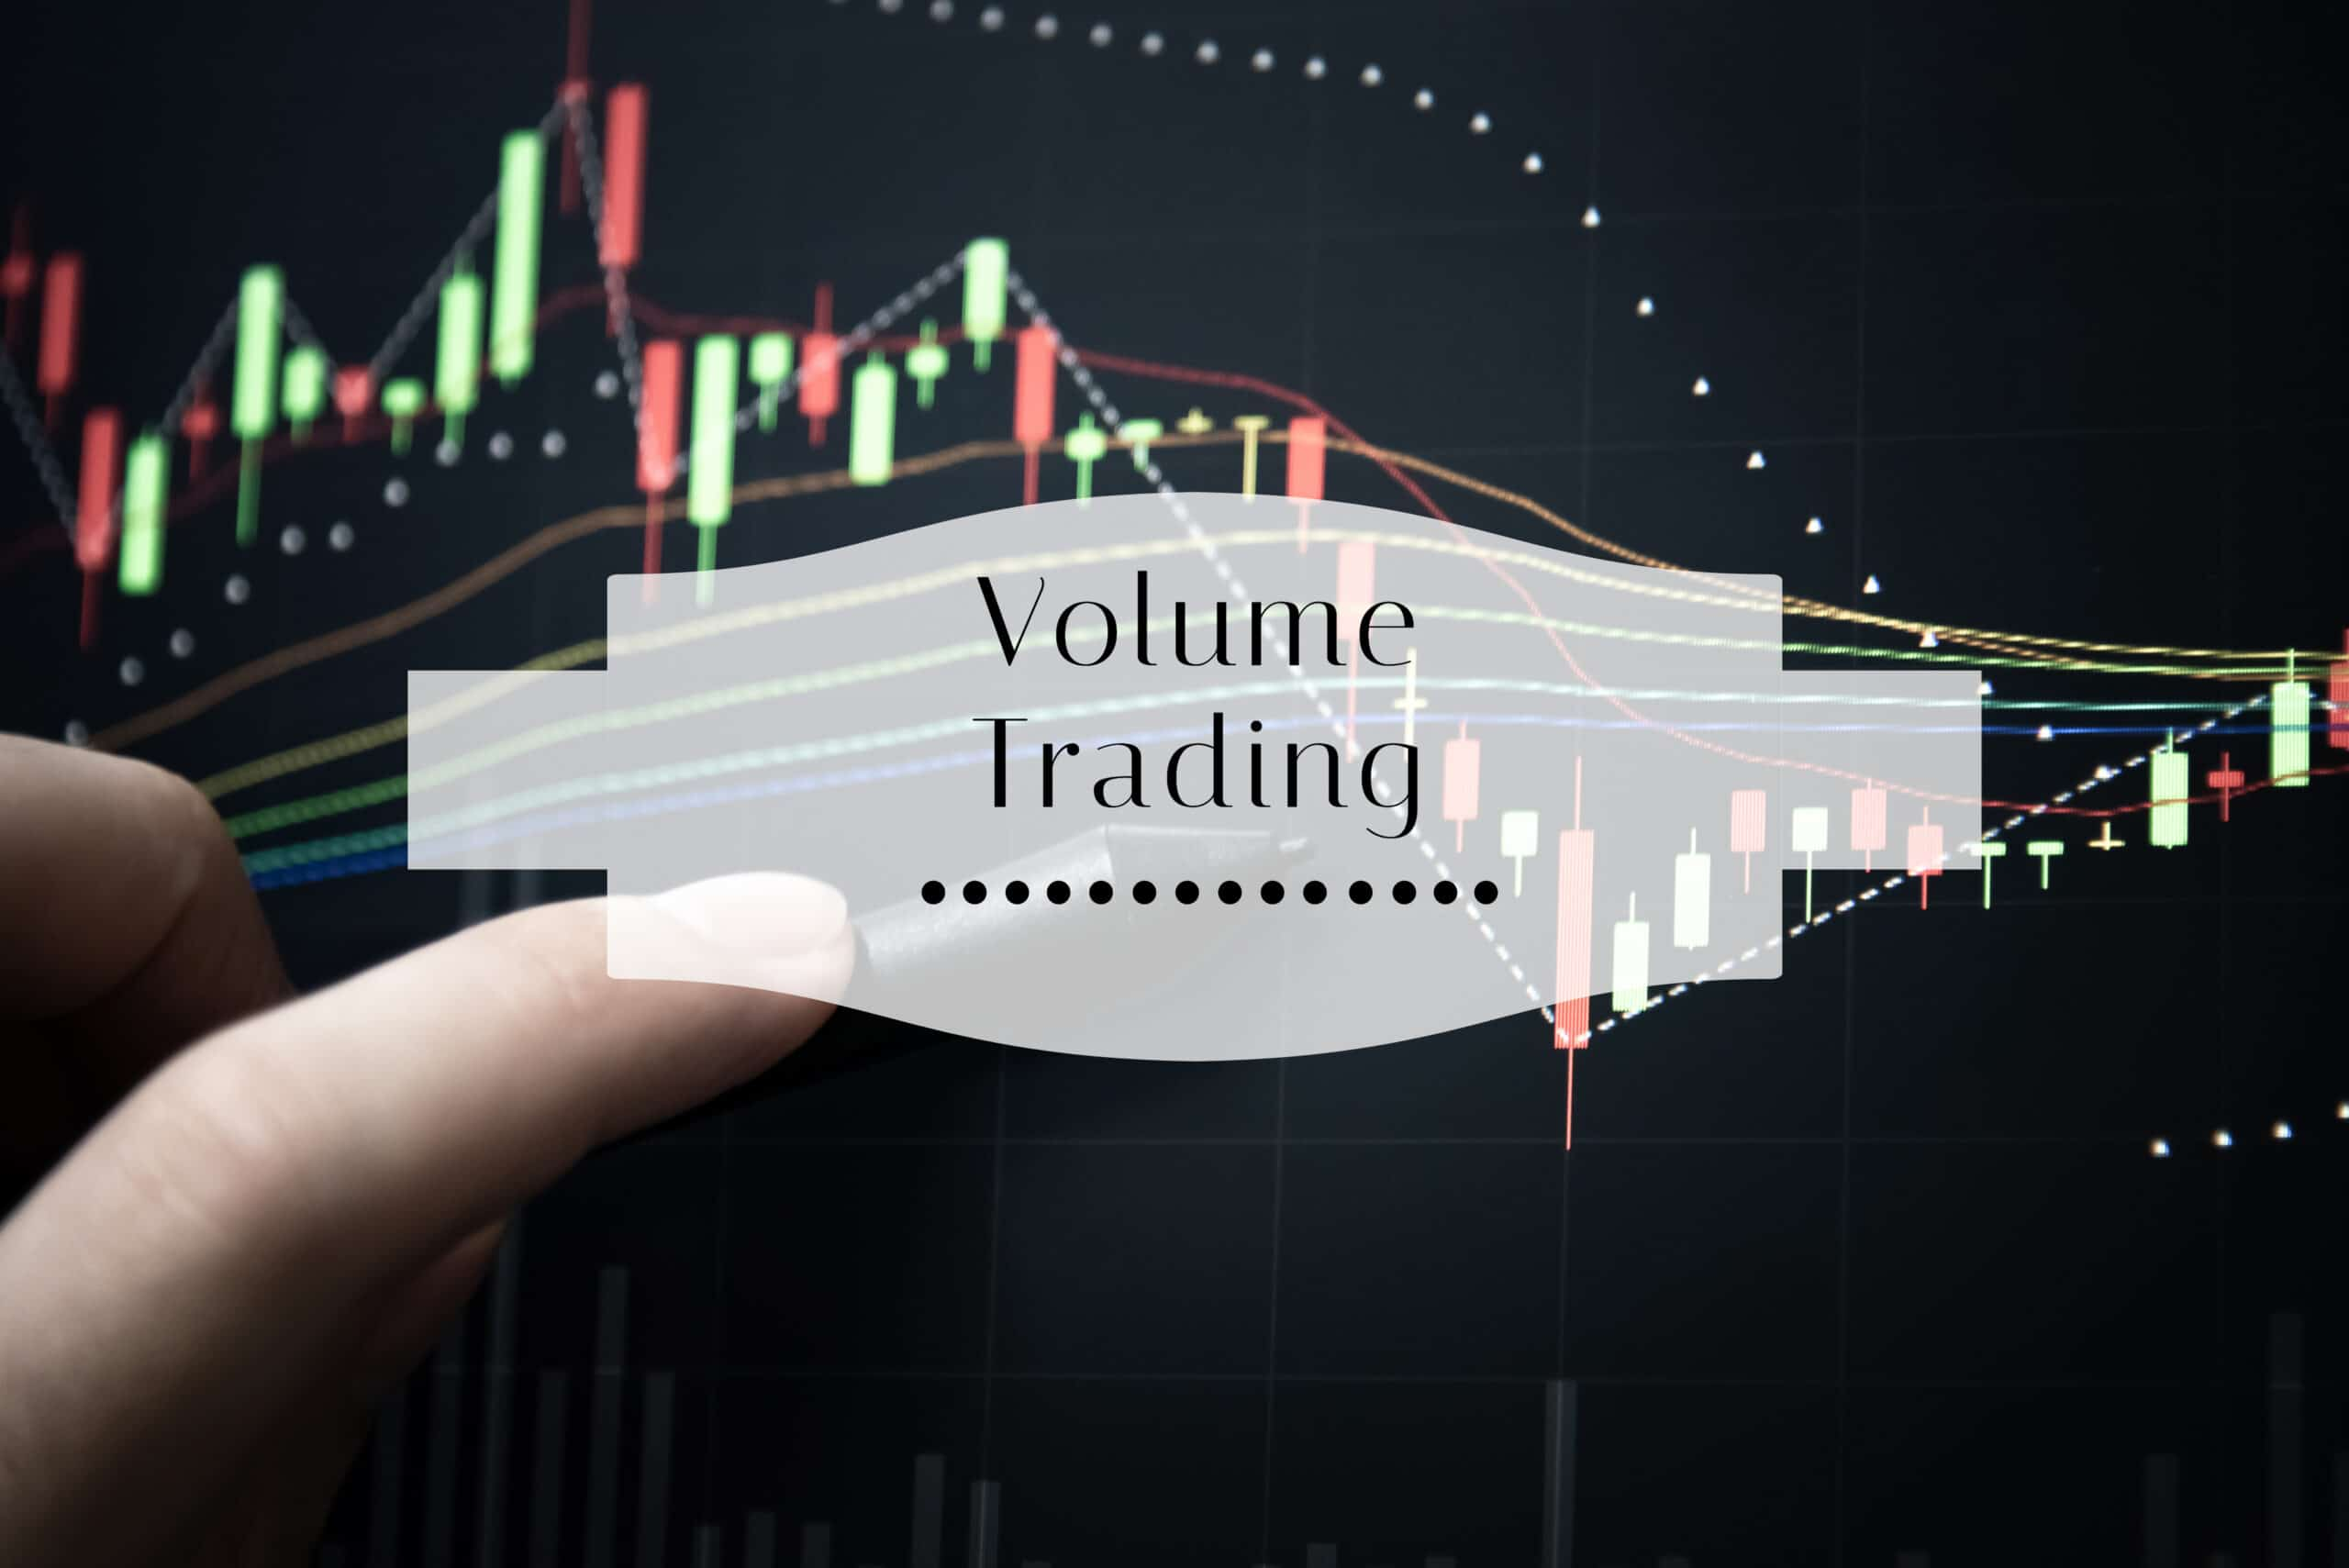 Trading volume analysis